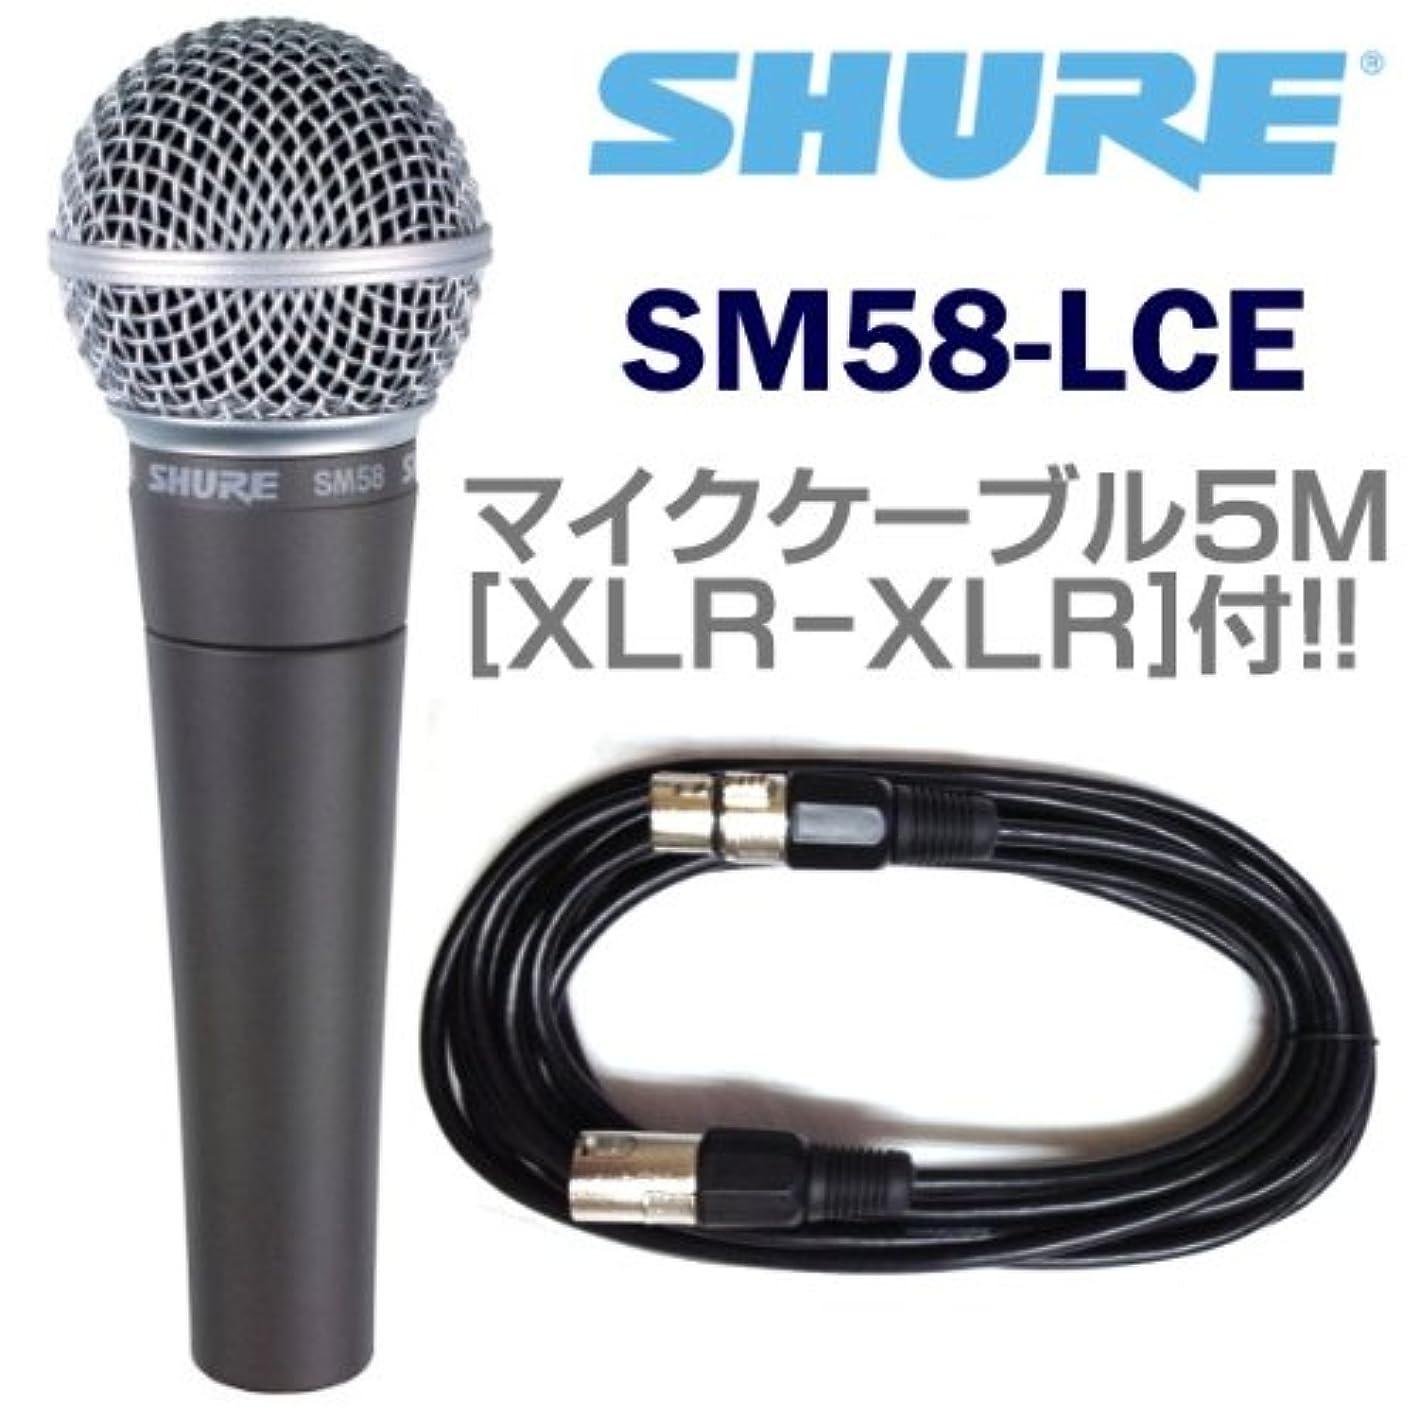 市民権タブレット闇【マイクケーブル5M[XLR-XLR]付7点セット】SHURE/シュア SM58-LCE ボーカルマイク